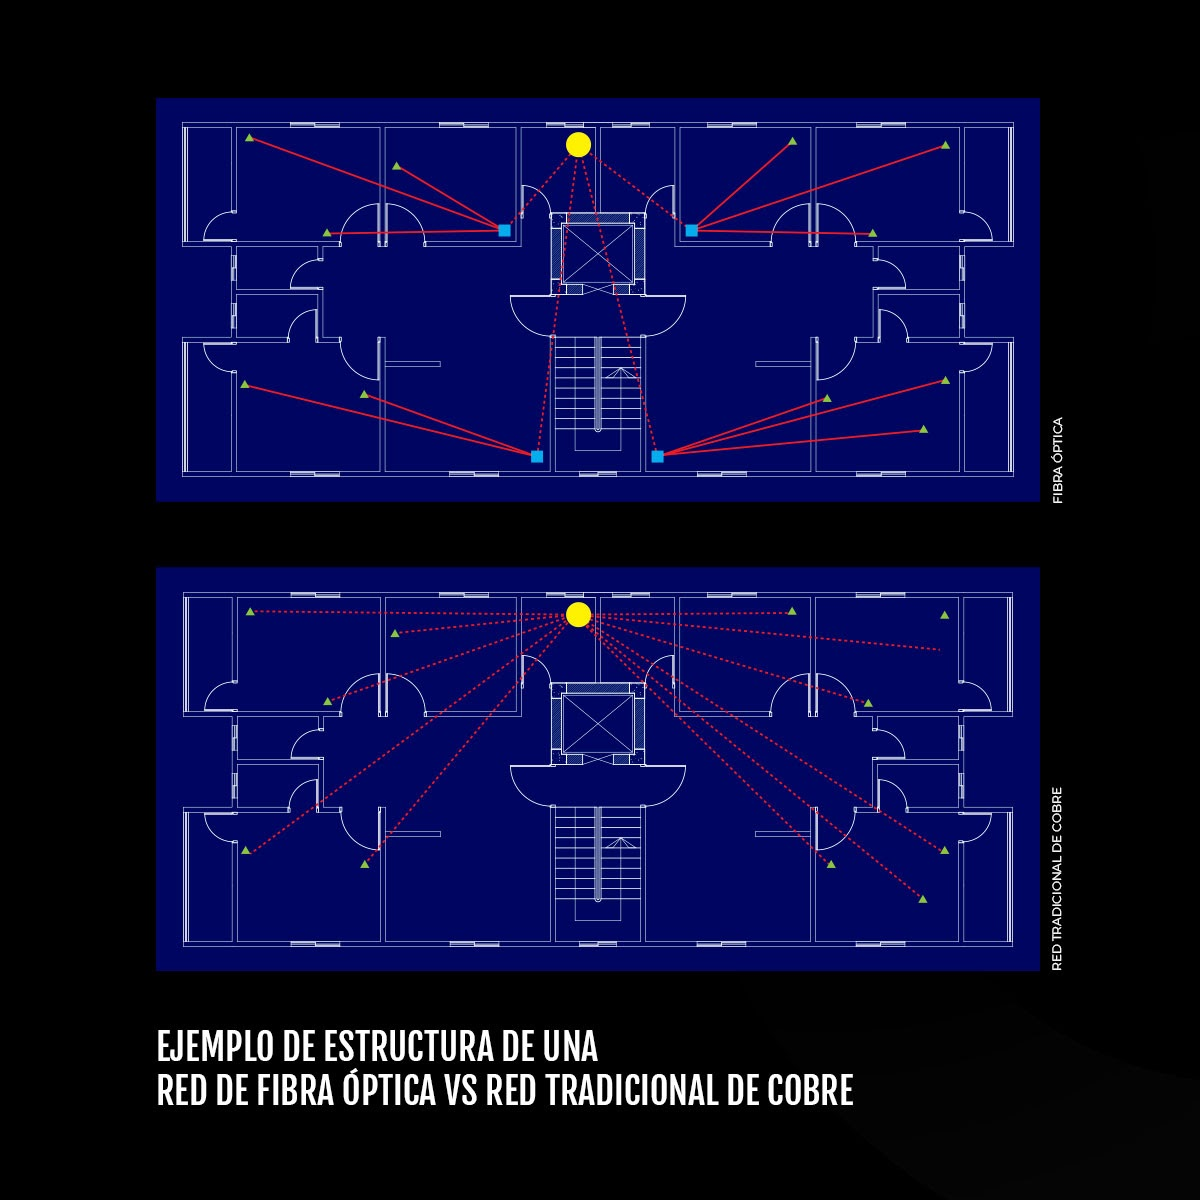 ejemplo-estructura-red-fibra-optica-red-cobre